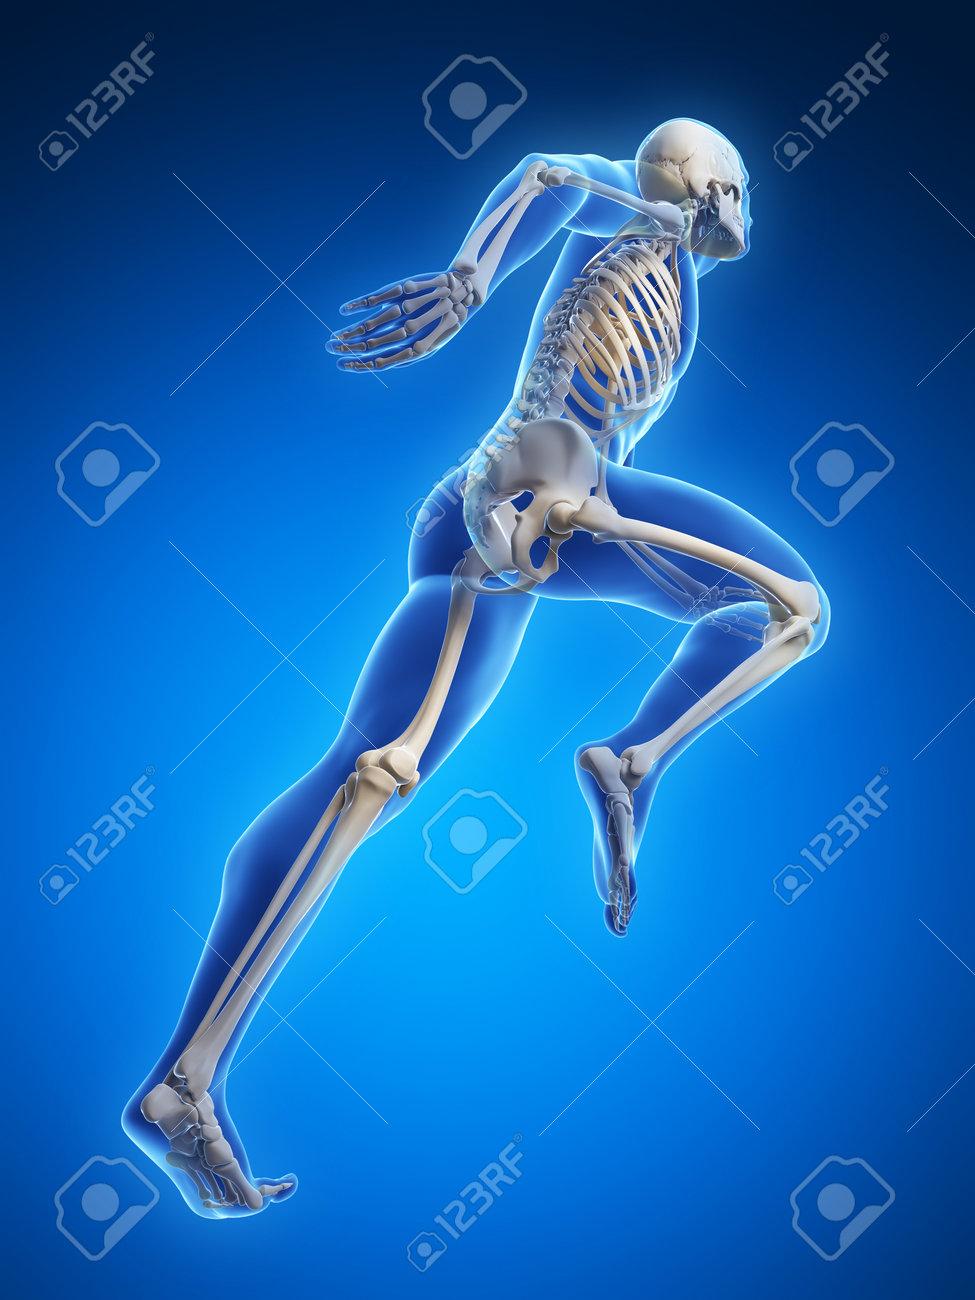 3d rendered illustration - runner anatomy Stock Illustration - 18071029